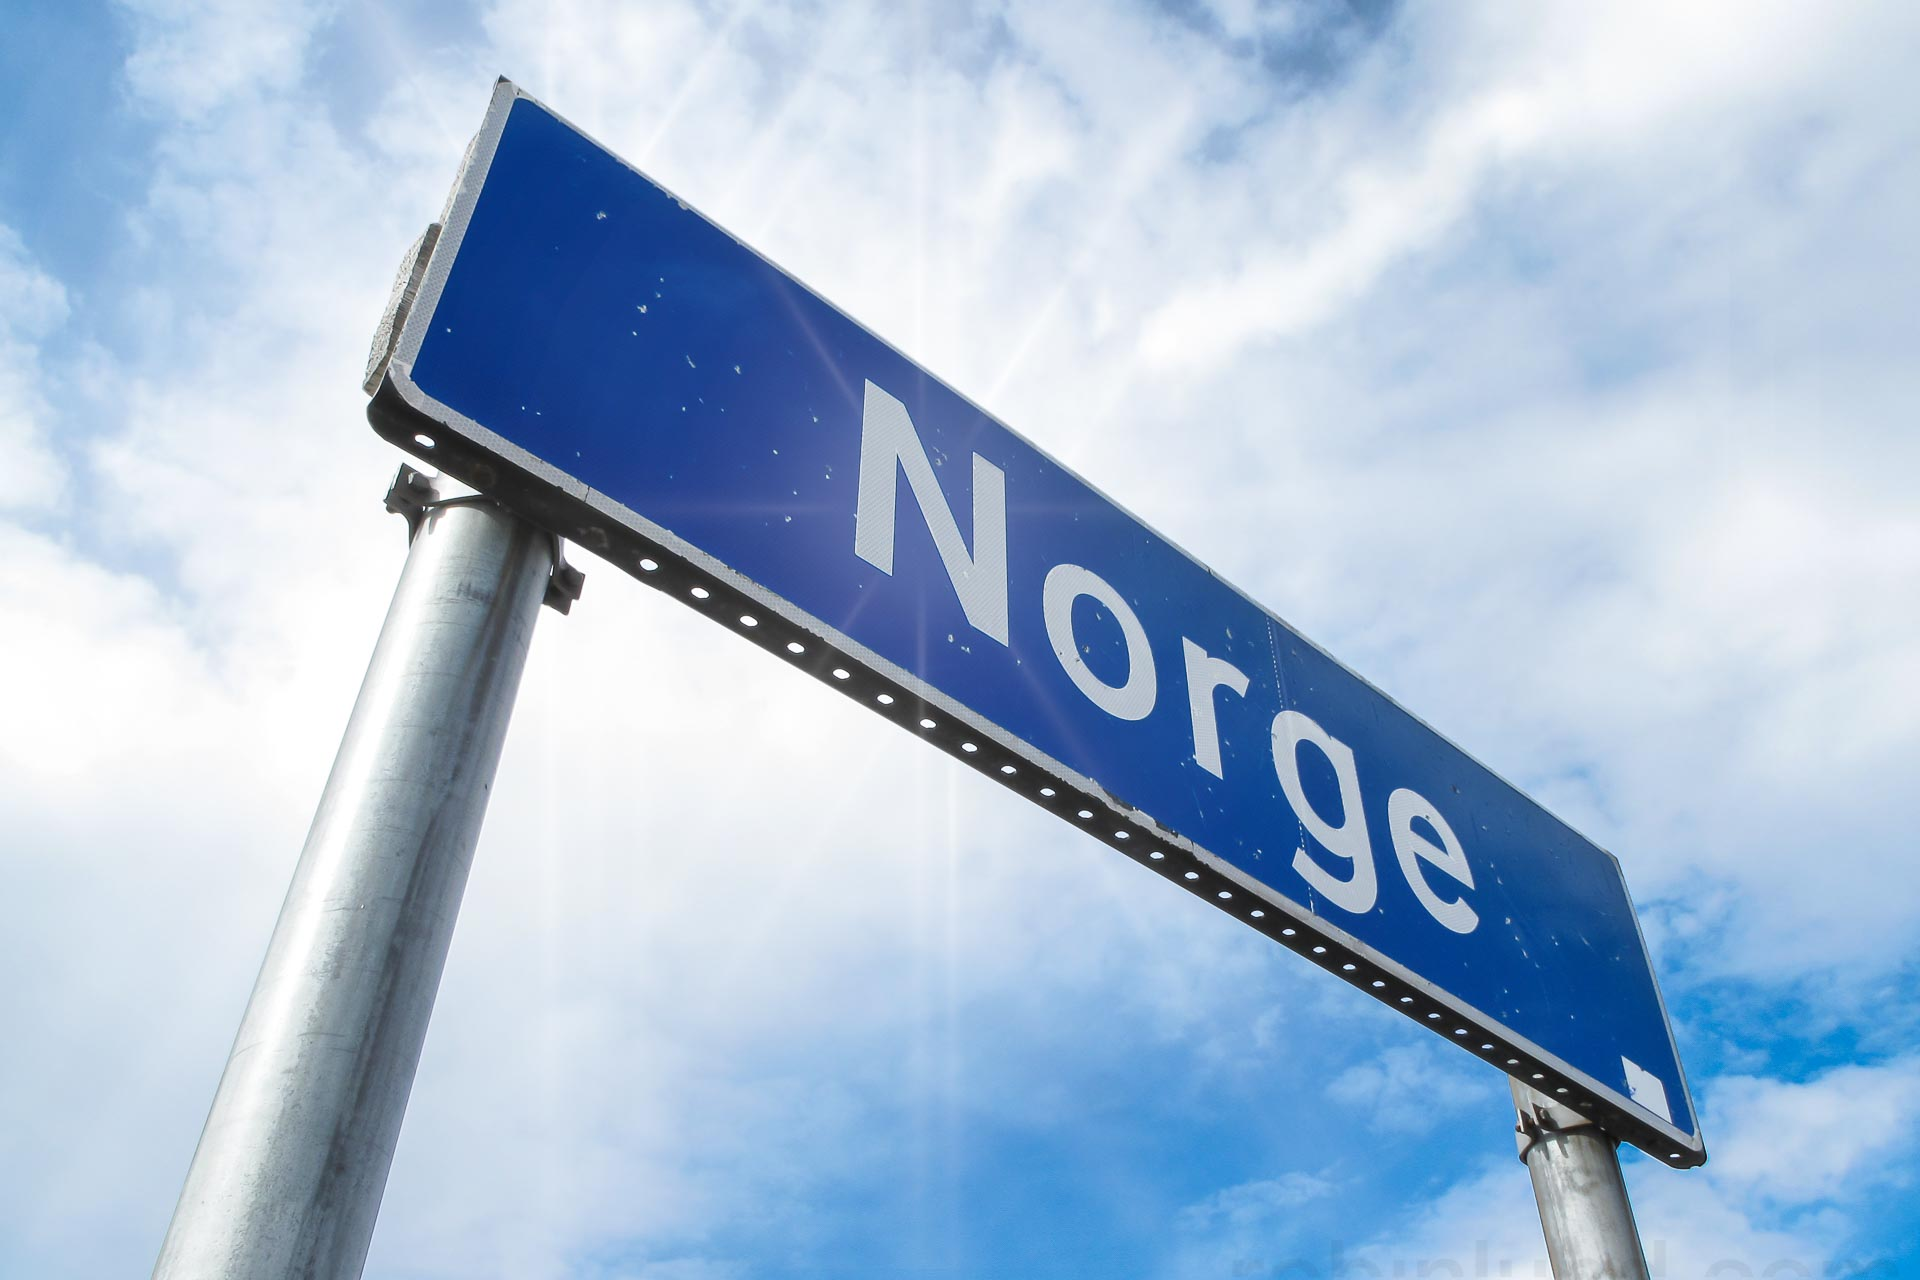 Skilt ved grenseovergangen til Norge. (Foto: Robin Lund)